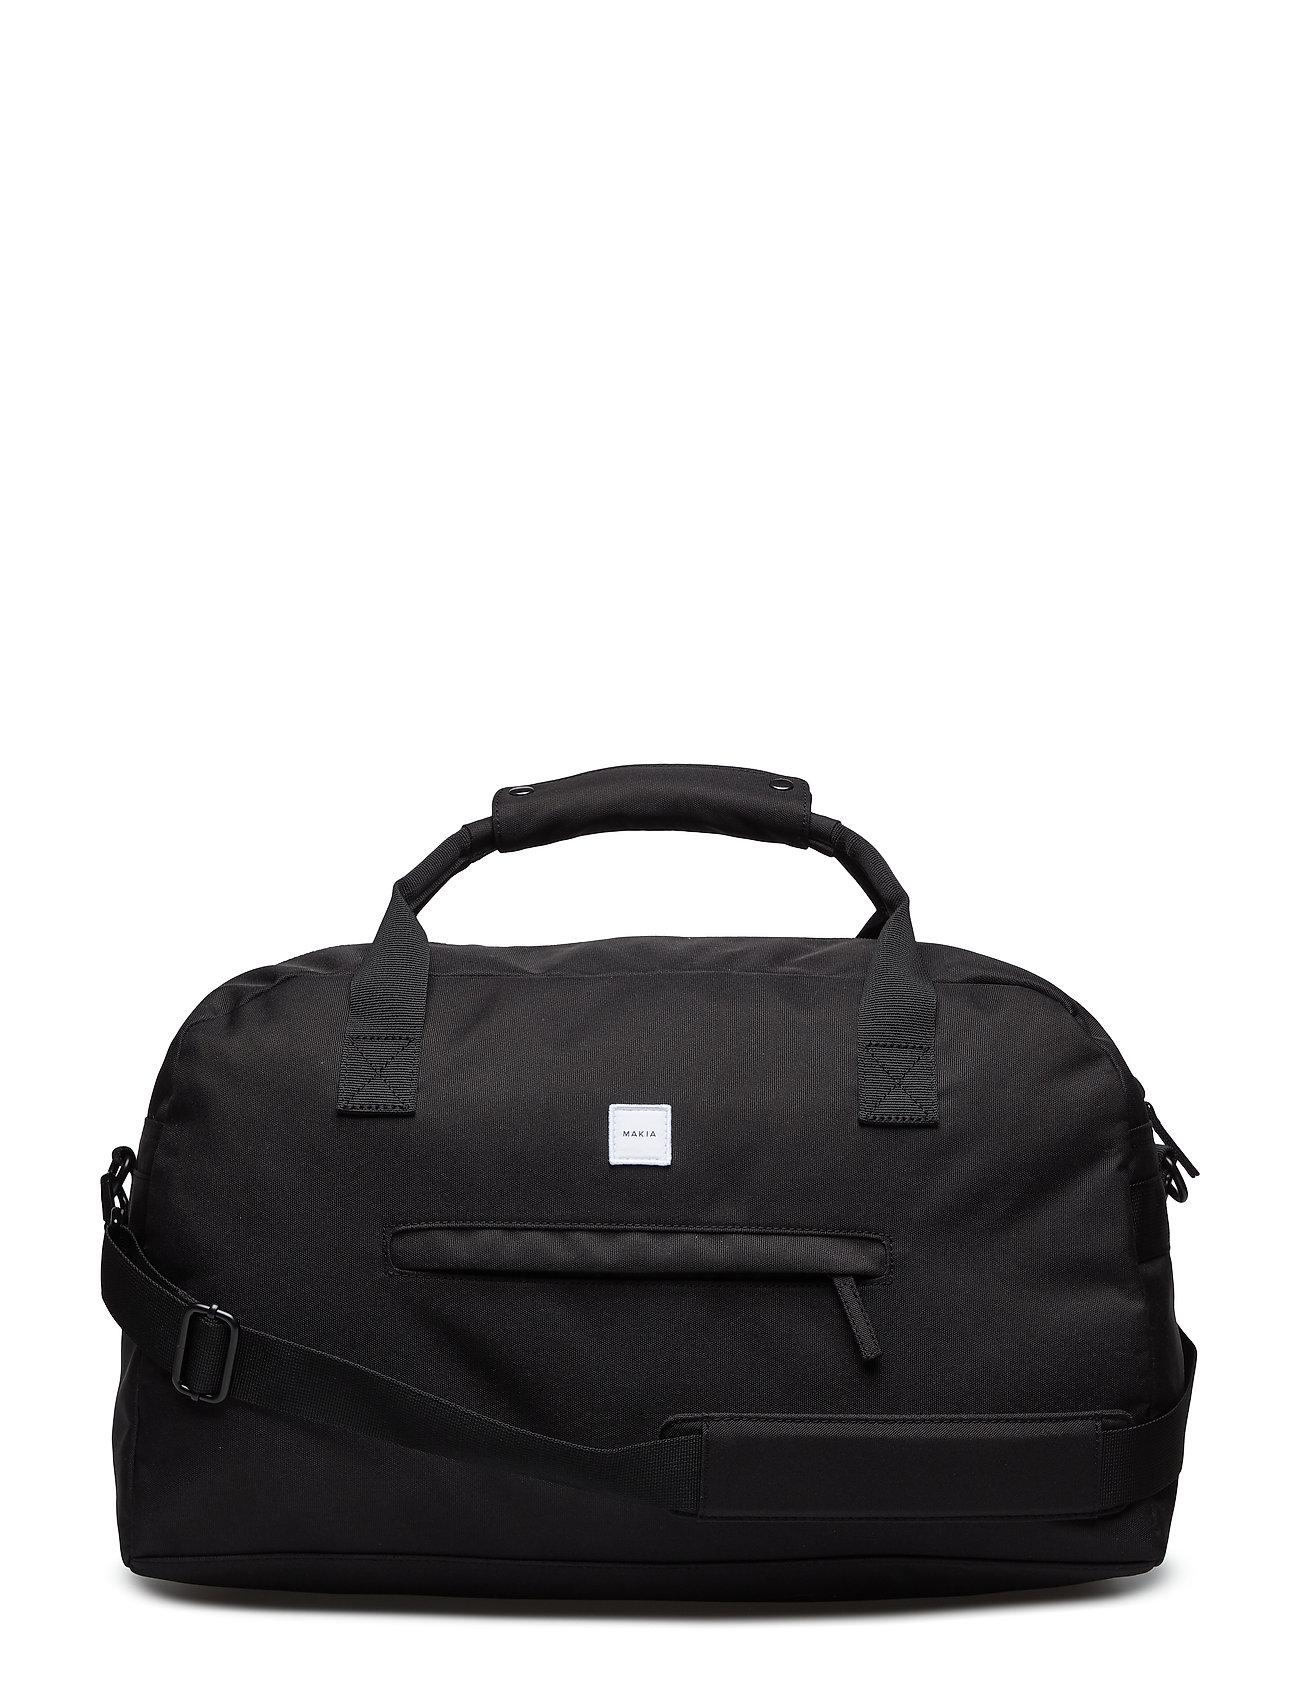 Weekend Bag Bags Weekend & Gym Bags Sort Makia